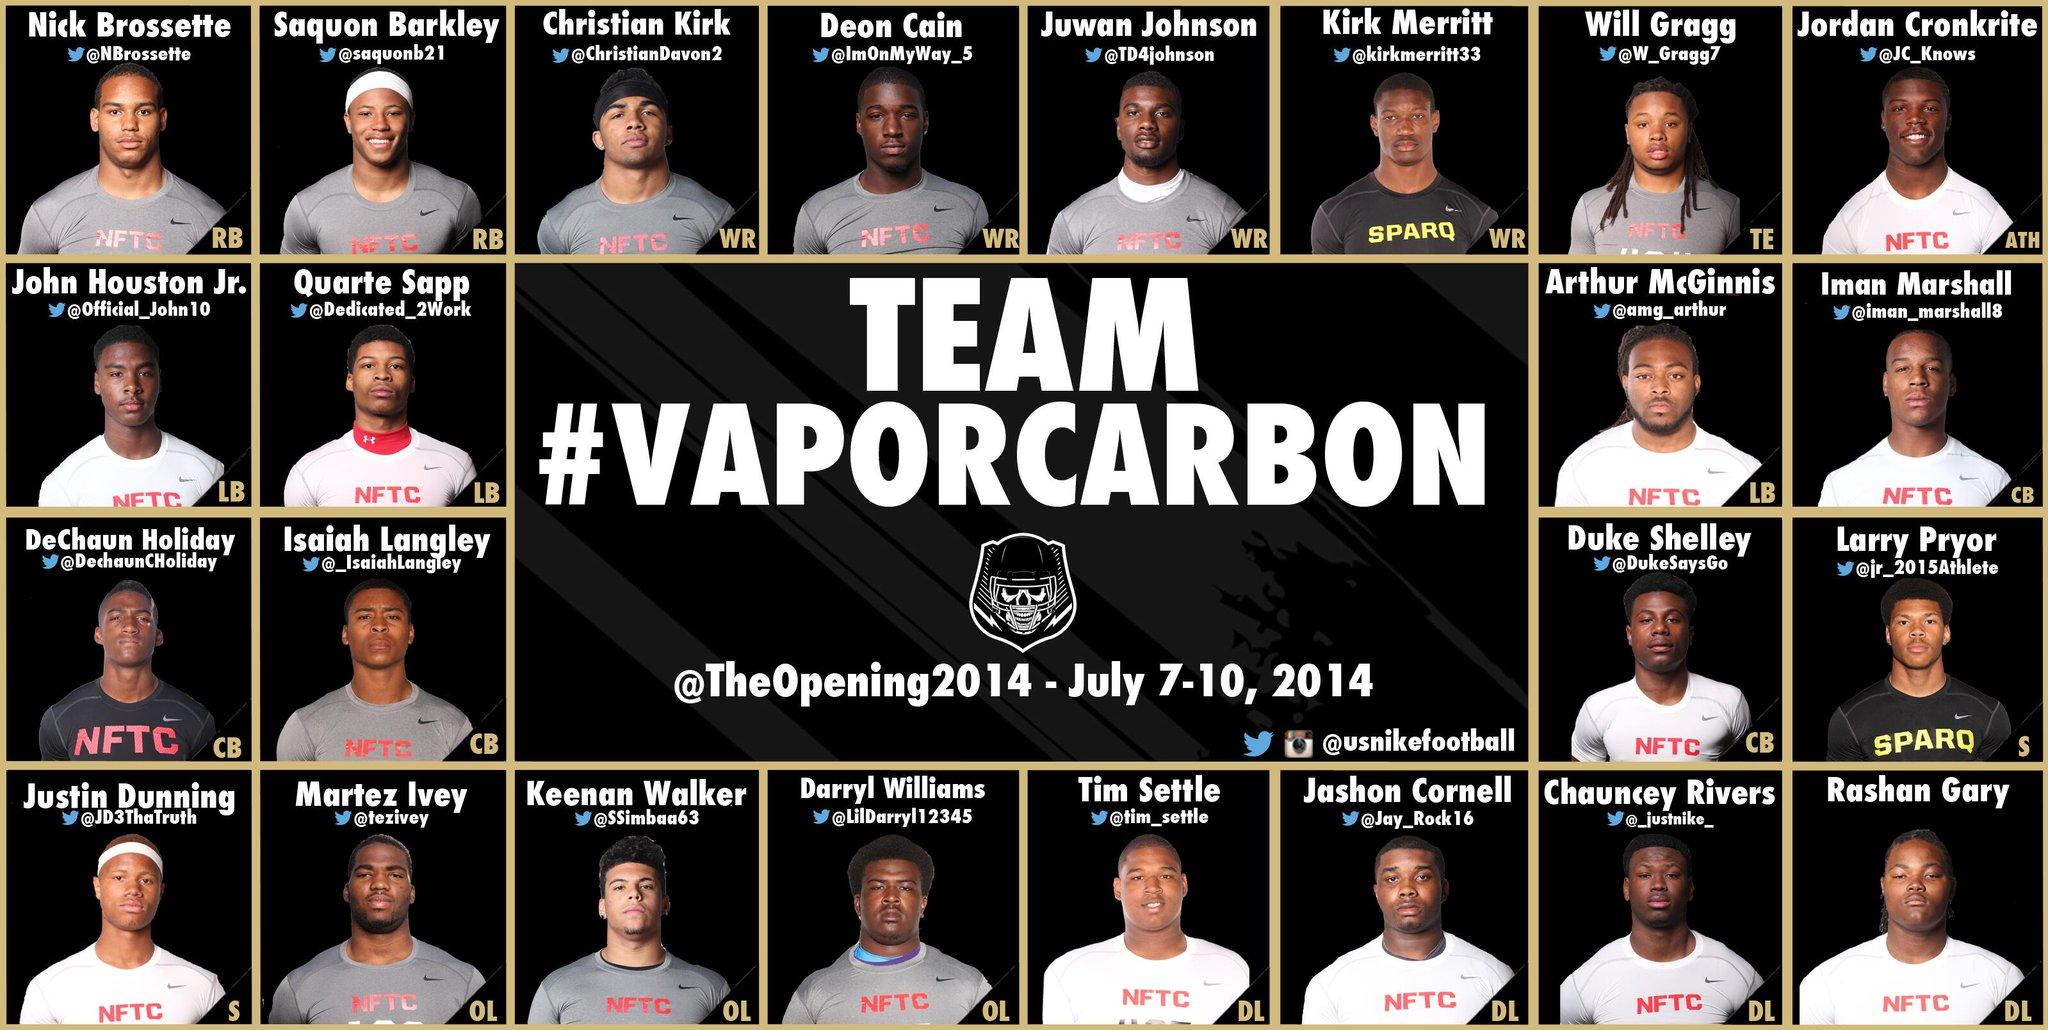 Vapor Carbon